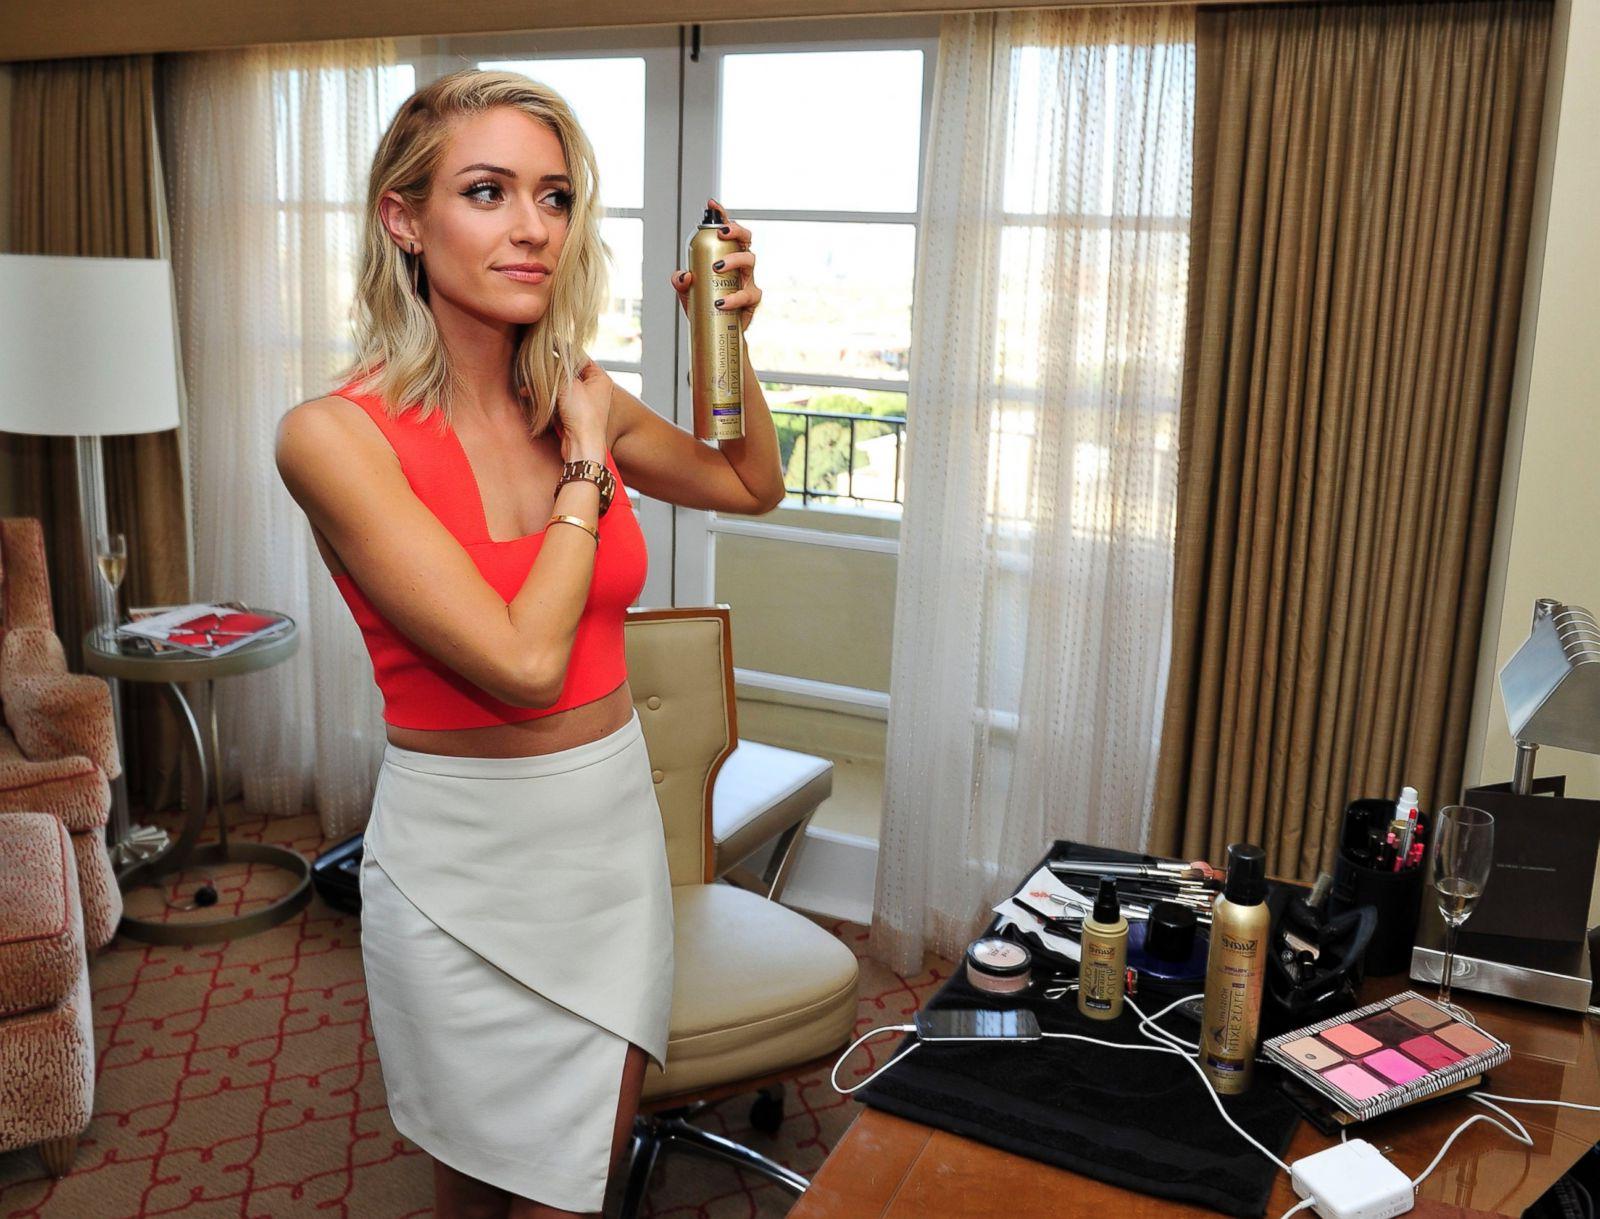 Kristin Cavallari Picture | March Top Celebrity Pictures – Abc News In Kristin Cavallari Short Haircuts (View 19 of 25)